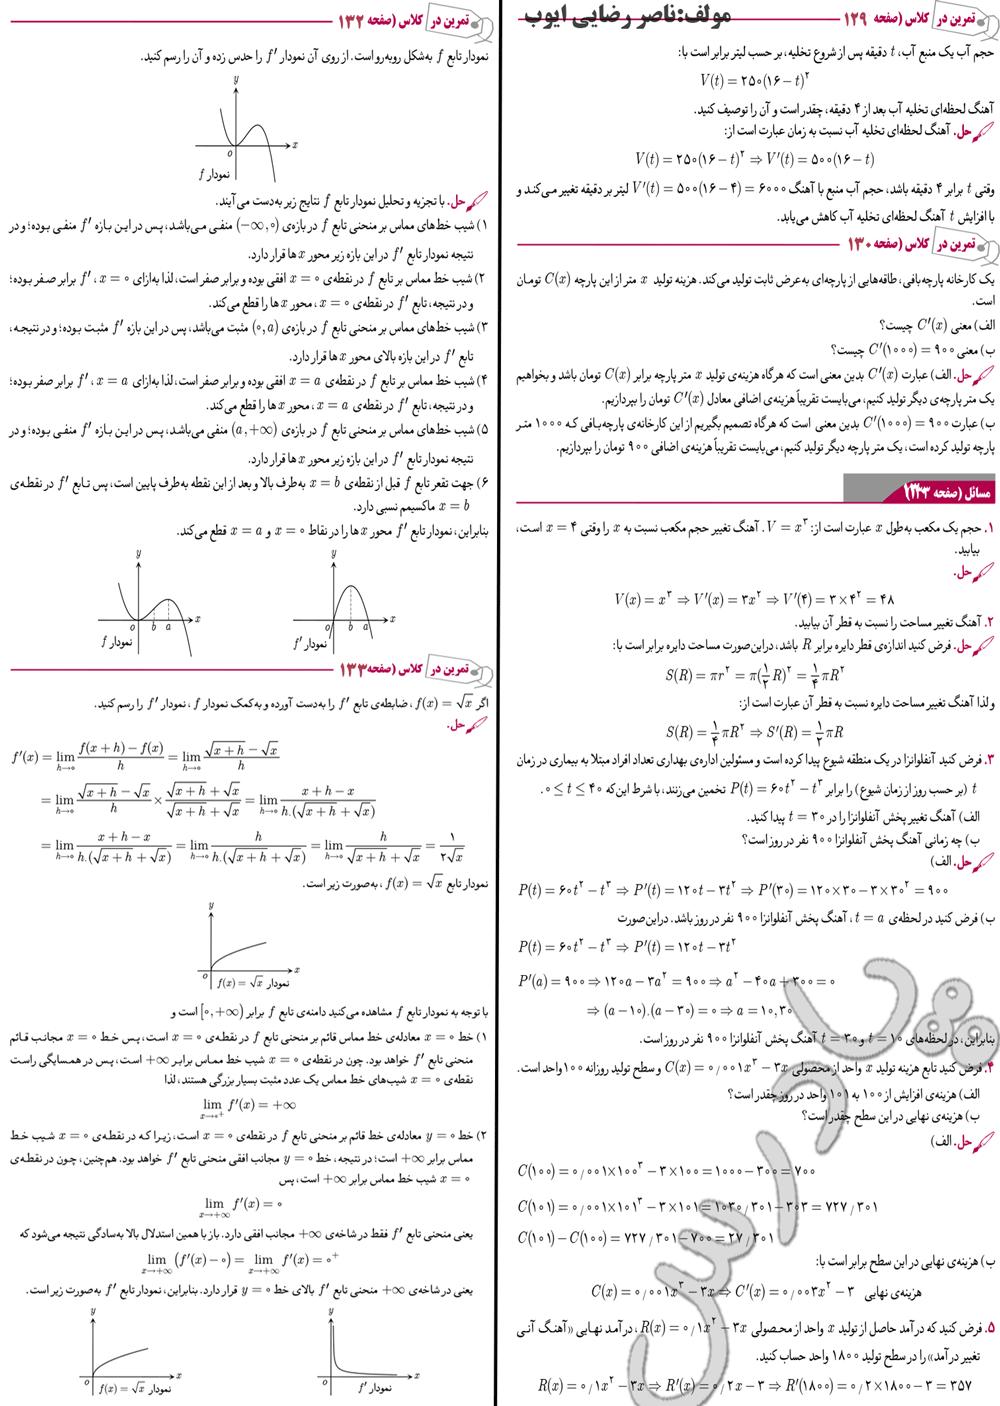 حل مسائل و تمرین در کلاس صفحه 129تا133 دیفرانسیل پیش دانشگاهی